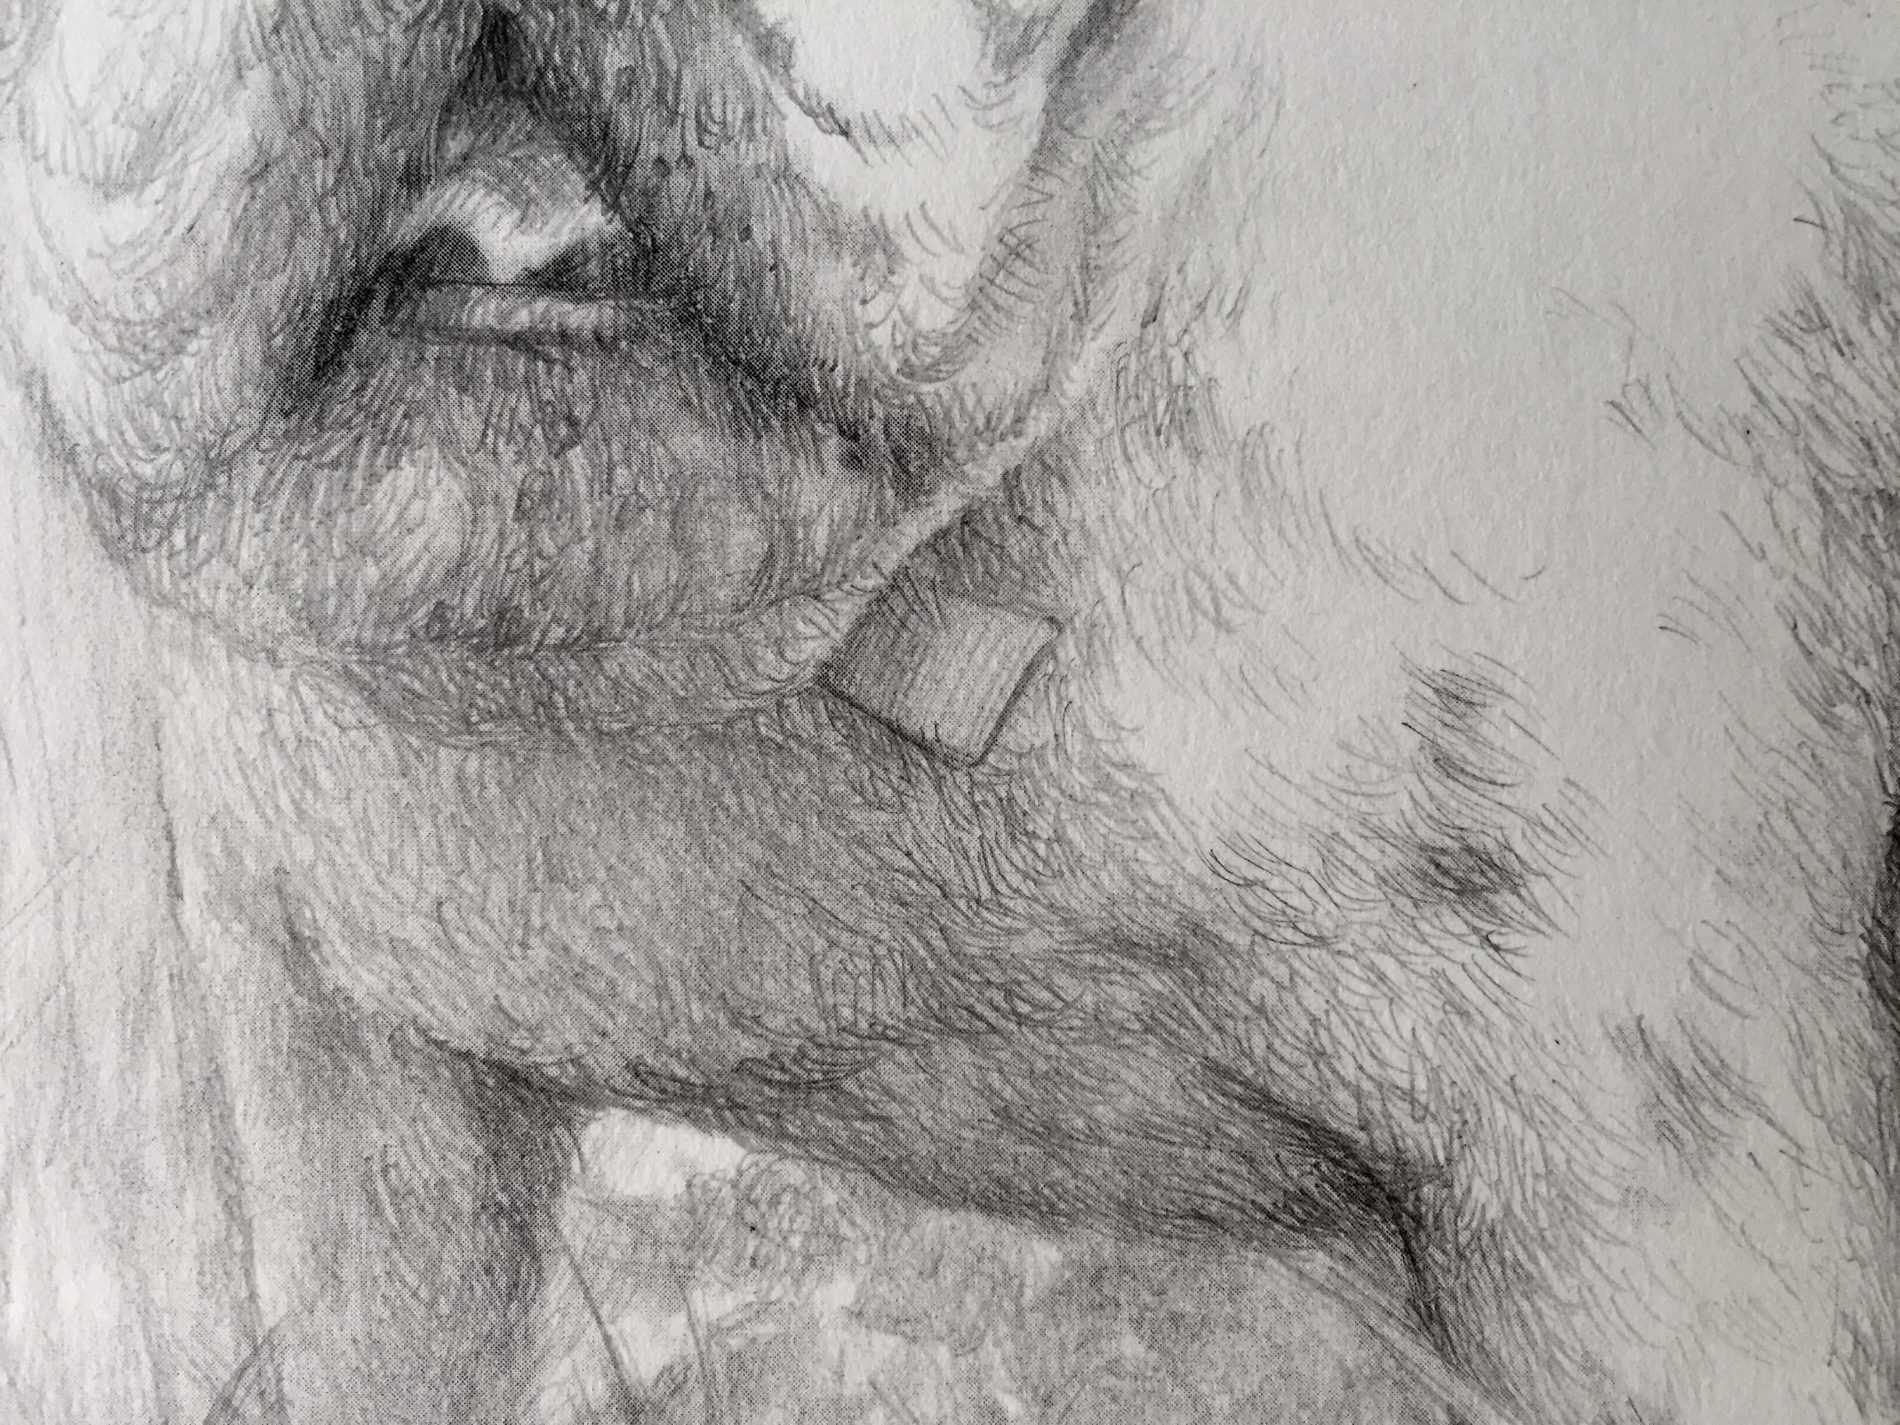 retratos-por-encargo-55-detallle-e1488877412839